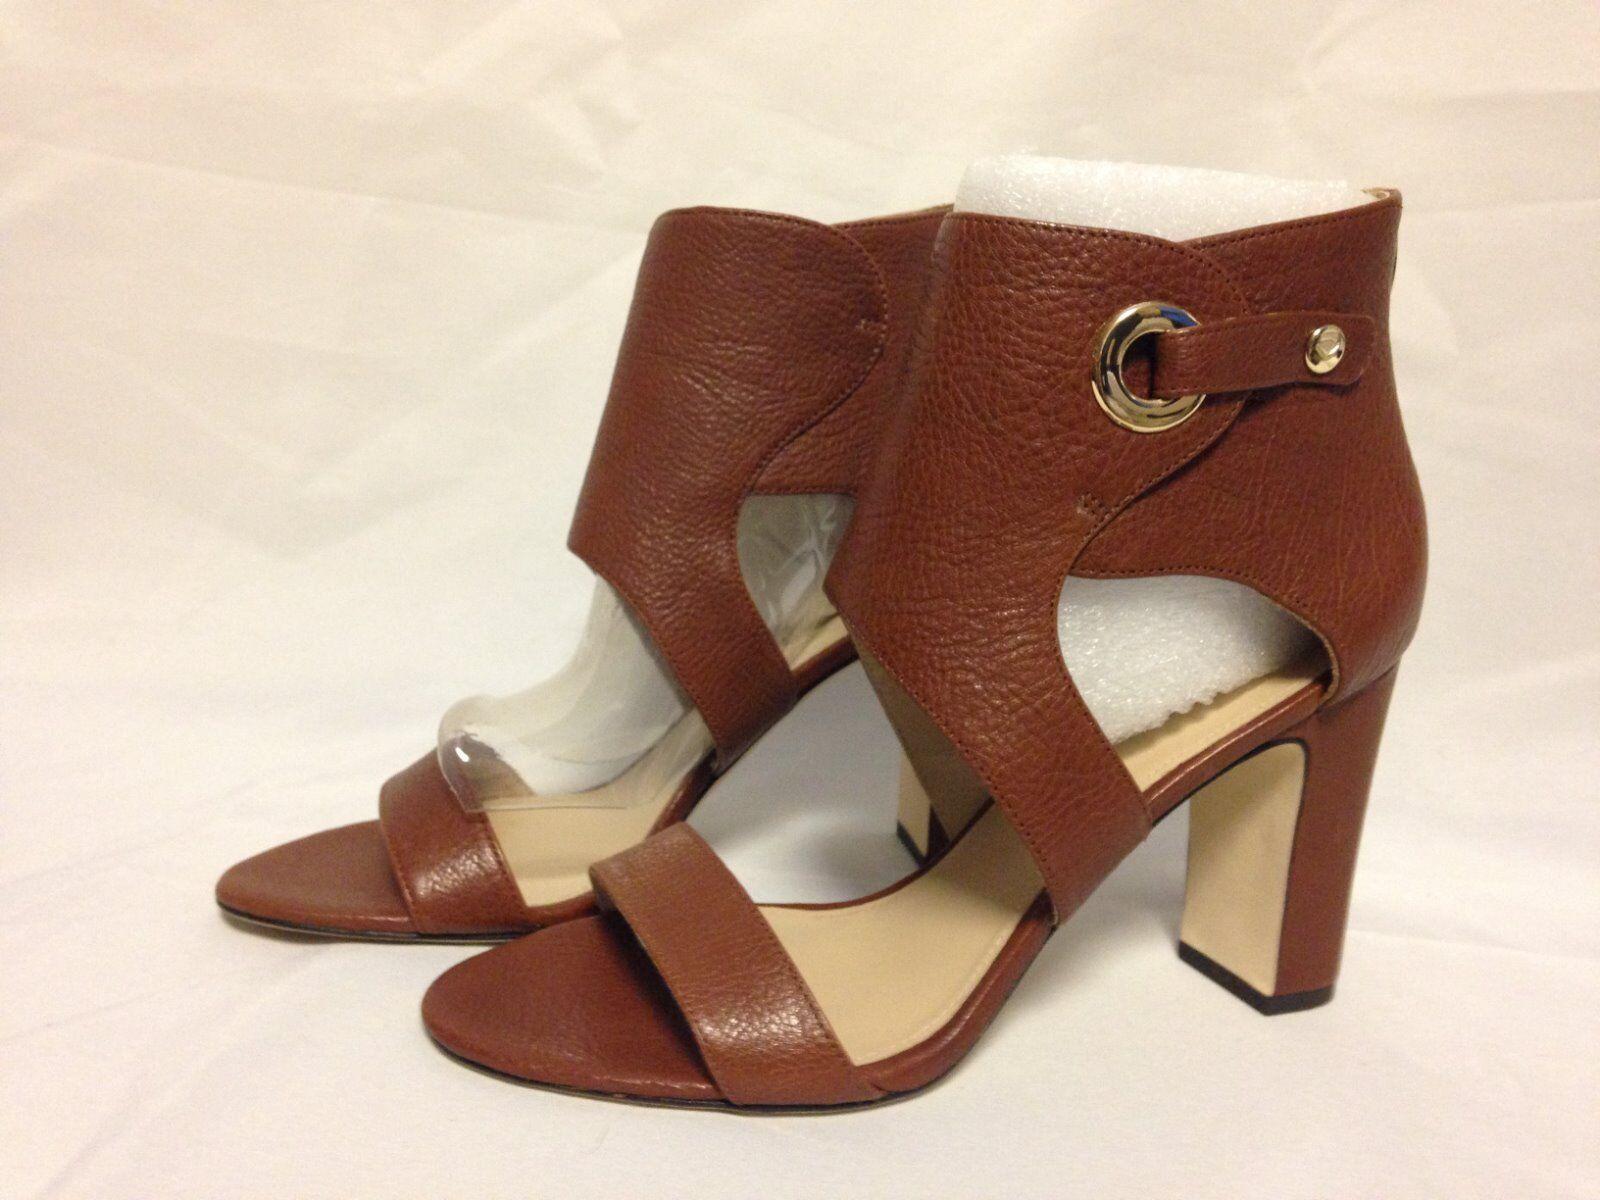 Via Spiga Adra Open Toe Heel  8 M Russet Brown Pelle  New with Box